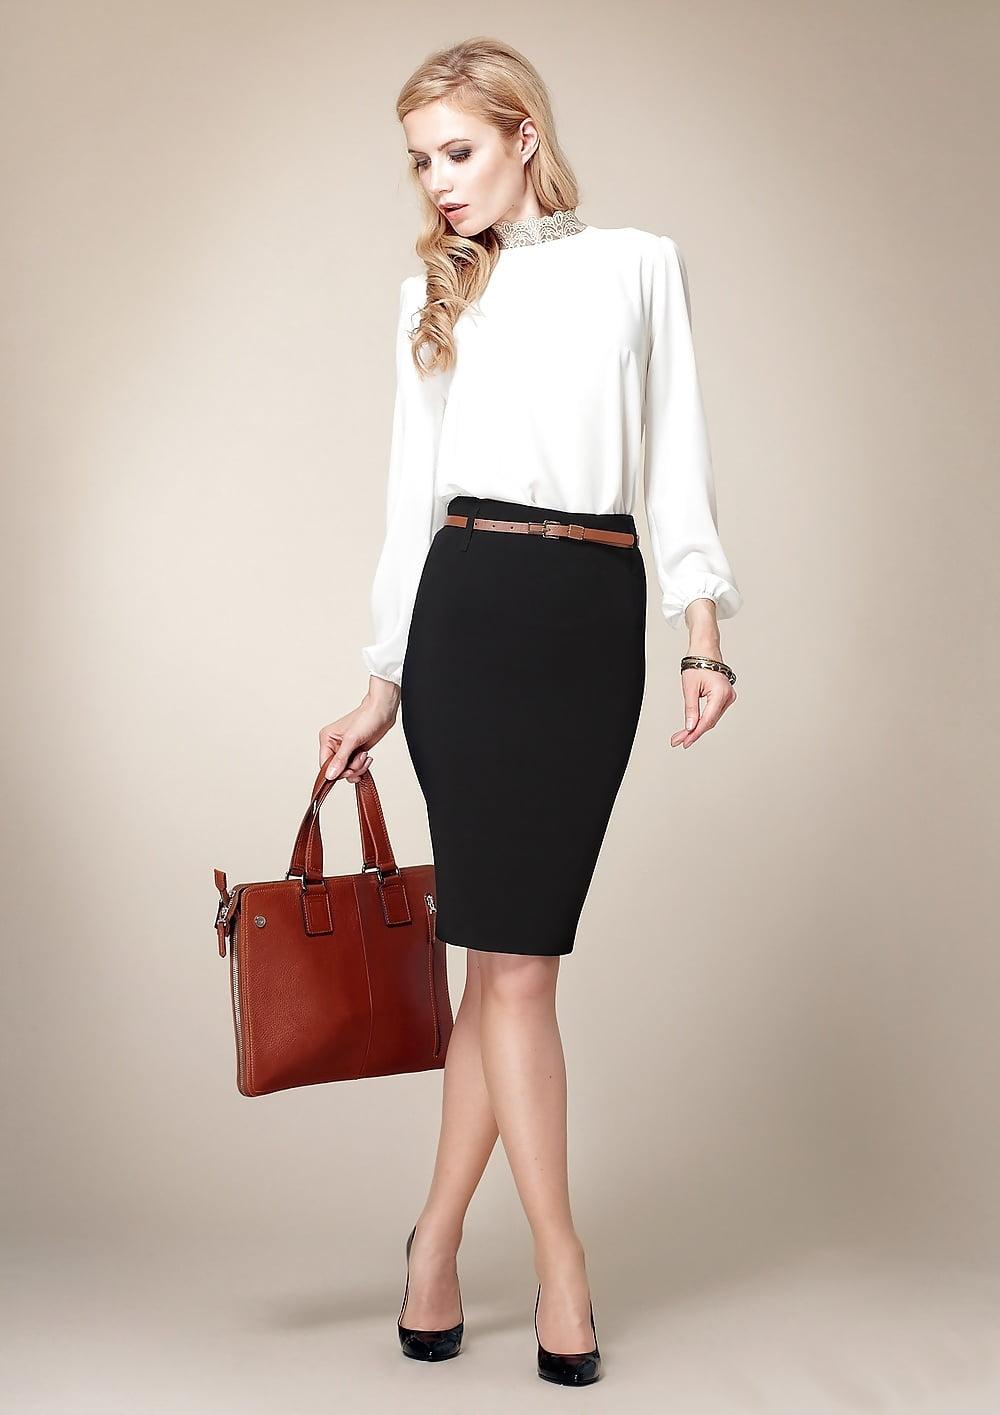 Что носить на работу летом, чтобы было удобно и красиво